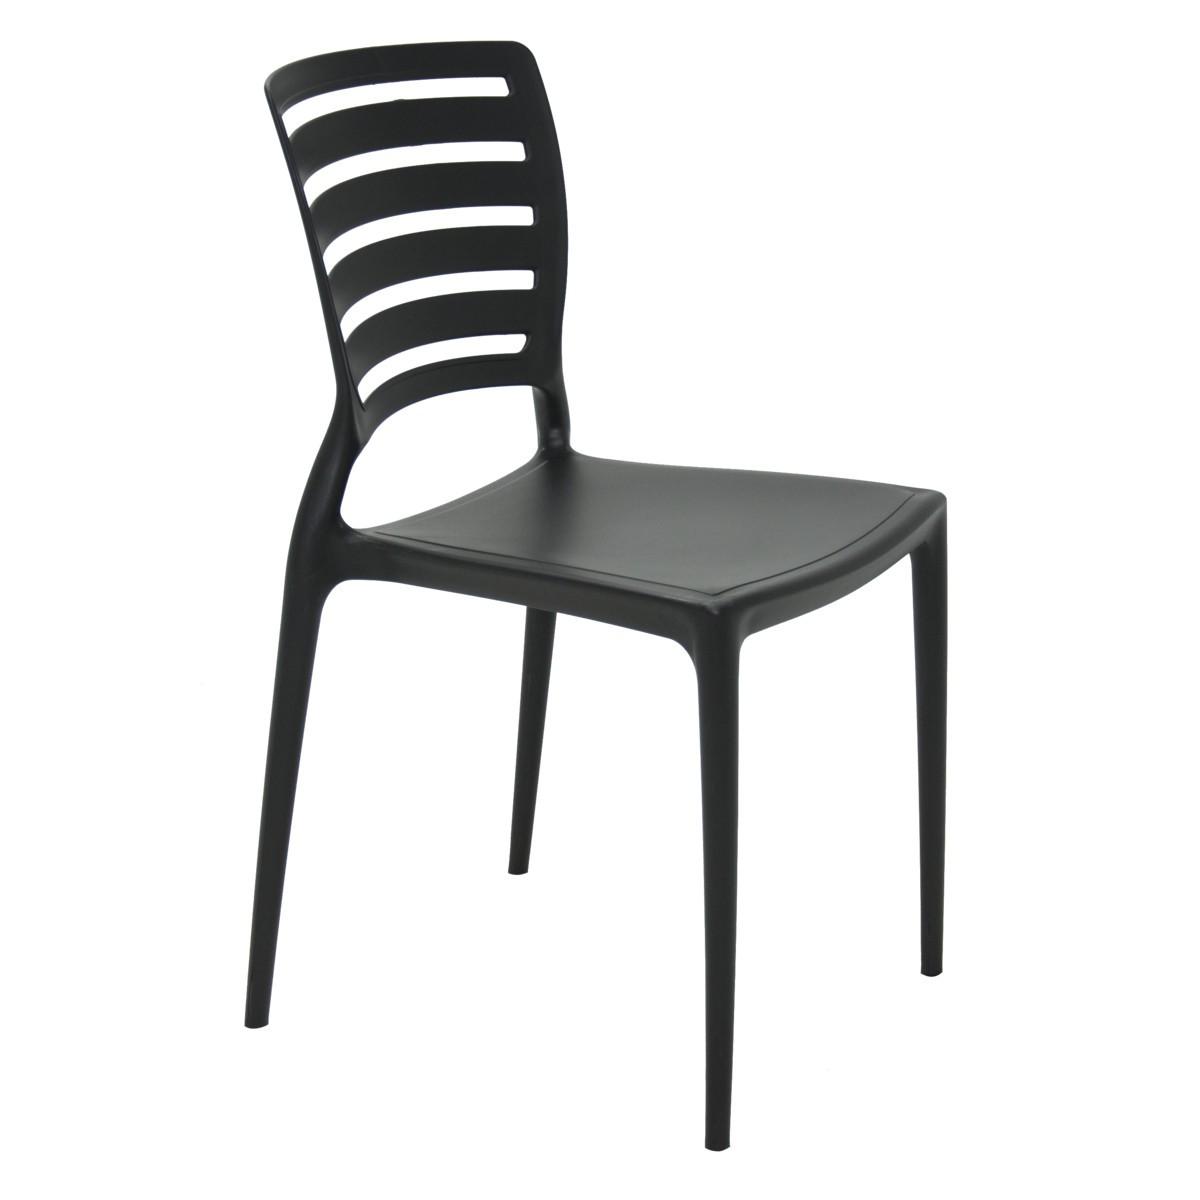 Kit 4 Cadeiras Tramontina Sofia Com Encosto Vazado Cores Preta